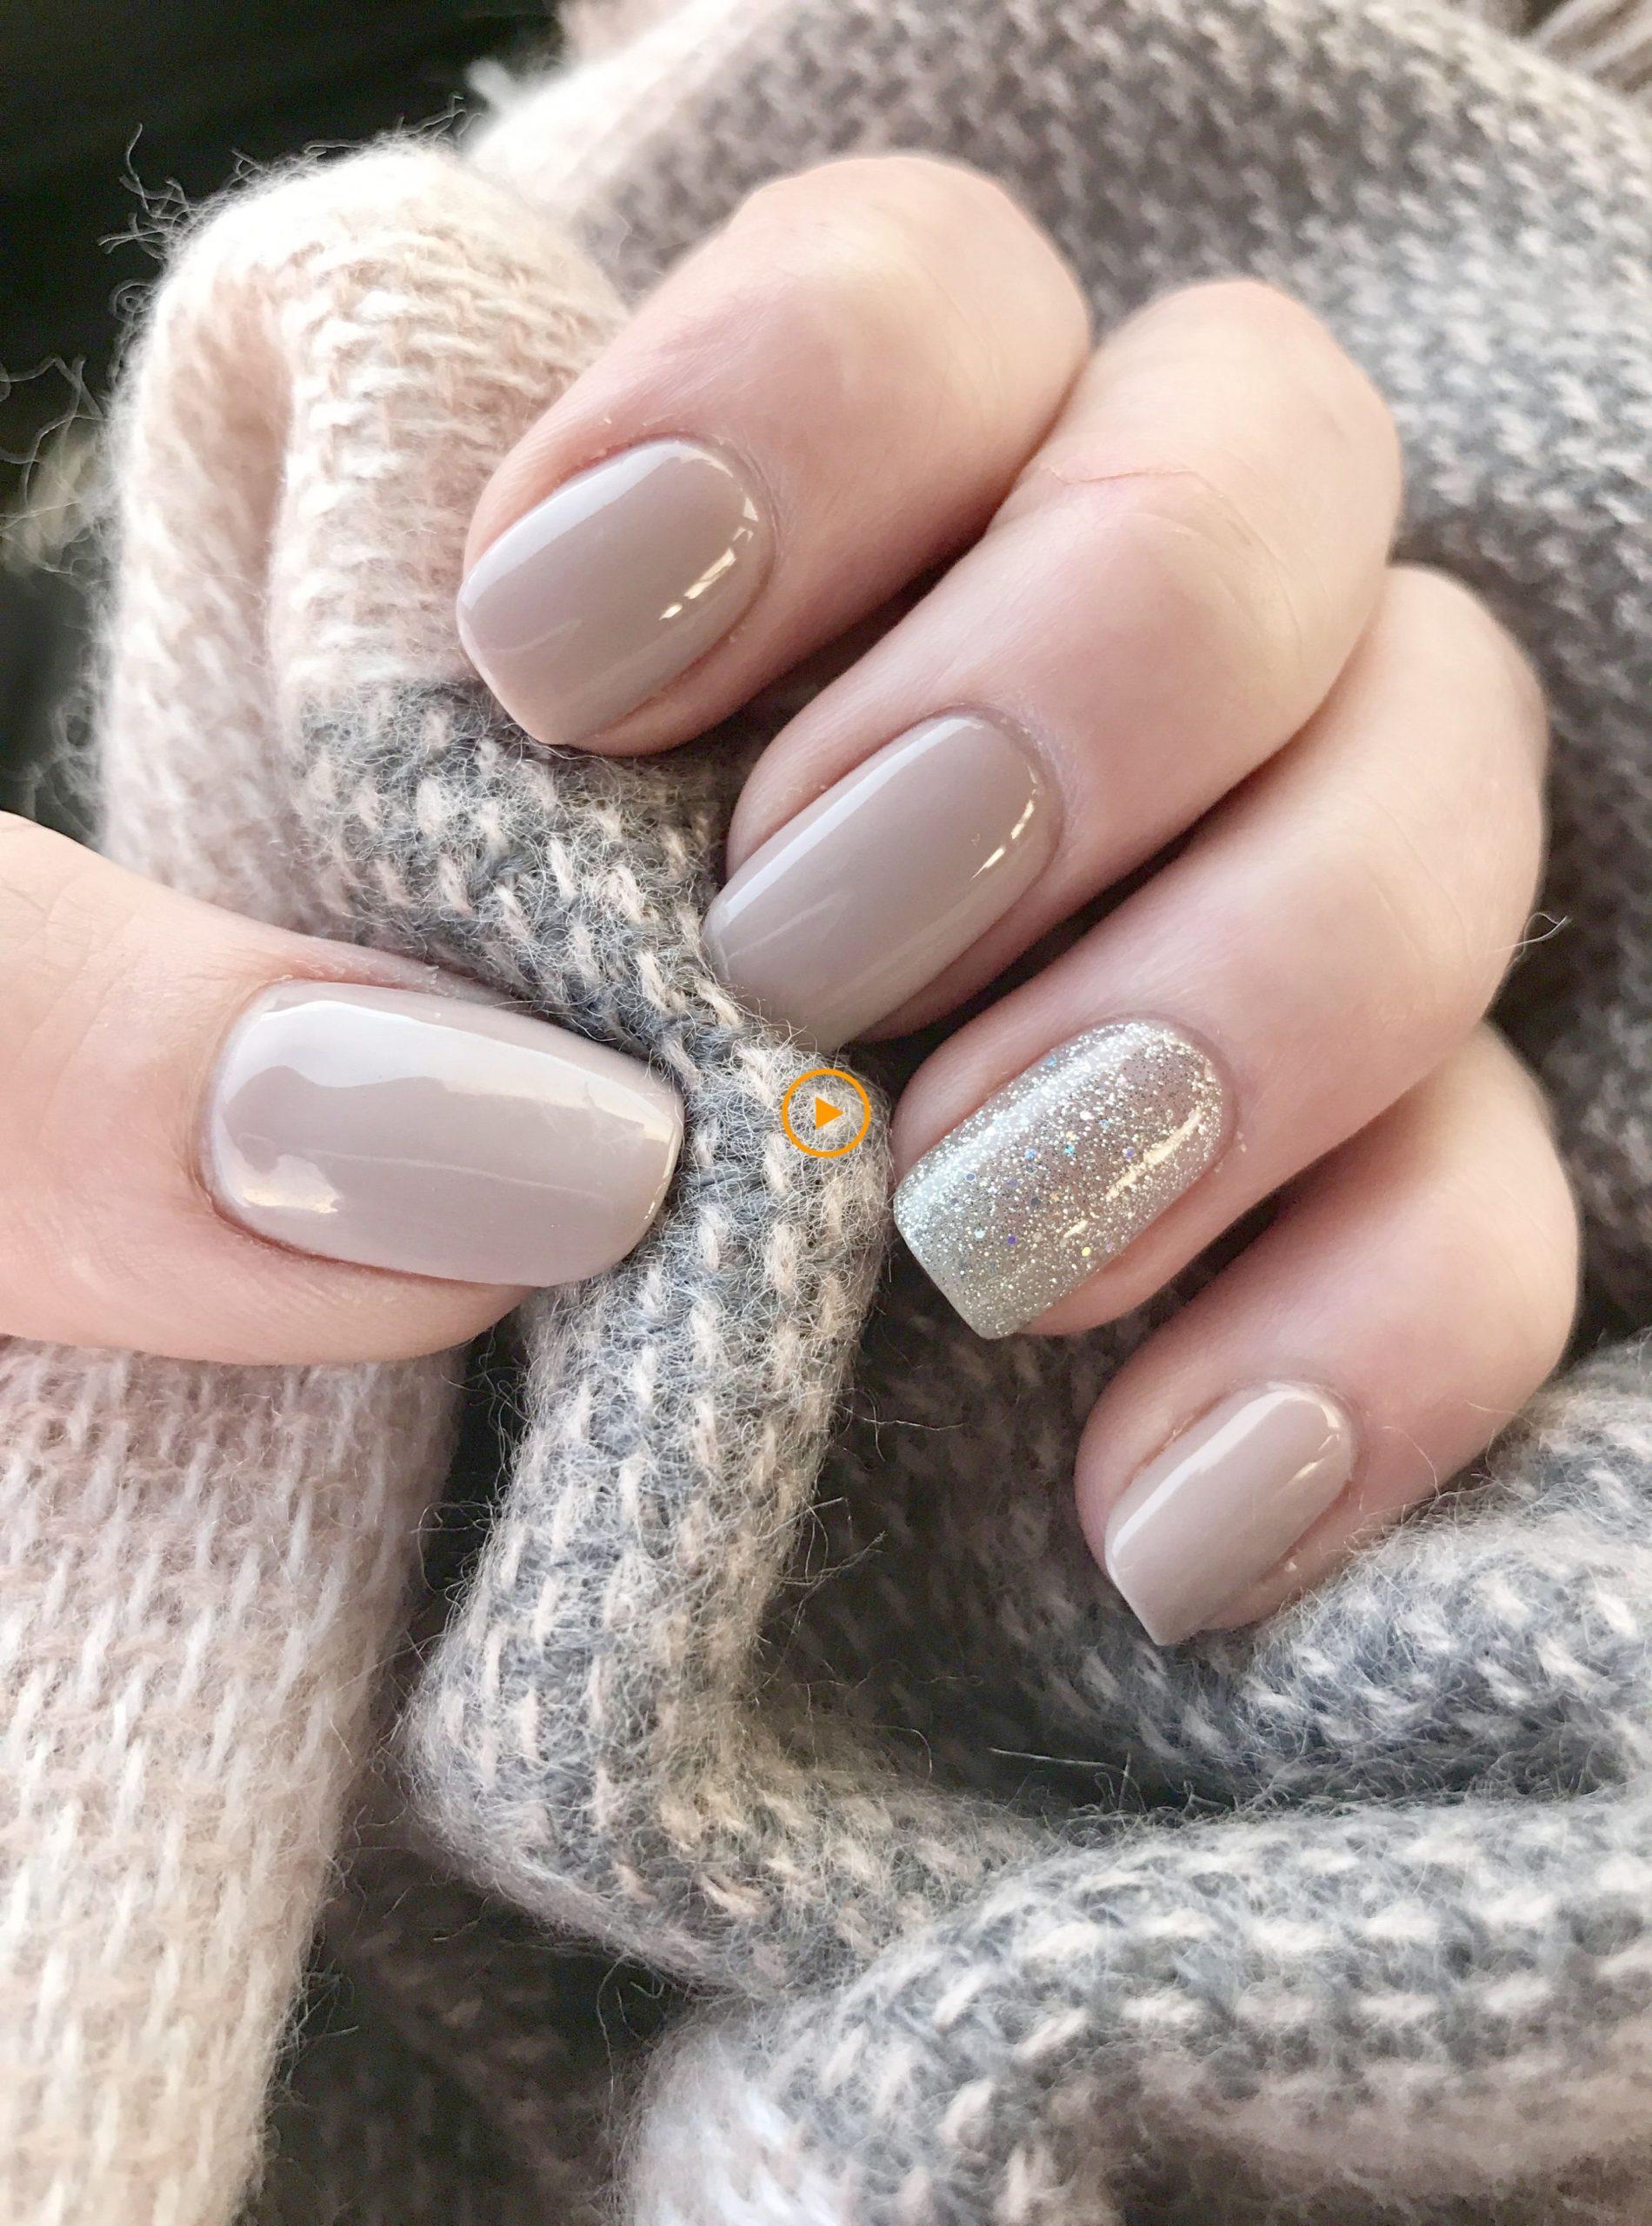 Zoya Nail Polish Cute Nails Club Weddingnails Longweddingnails